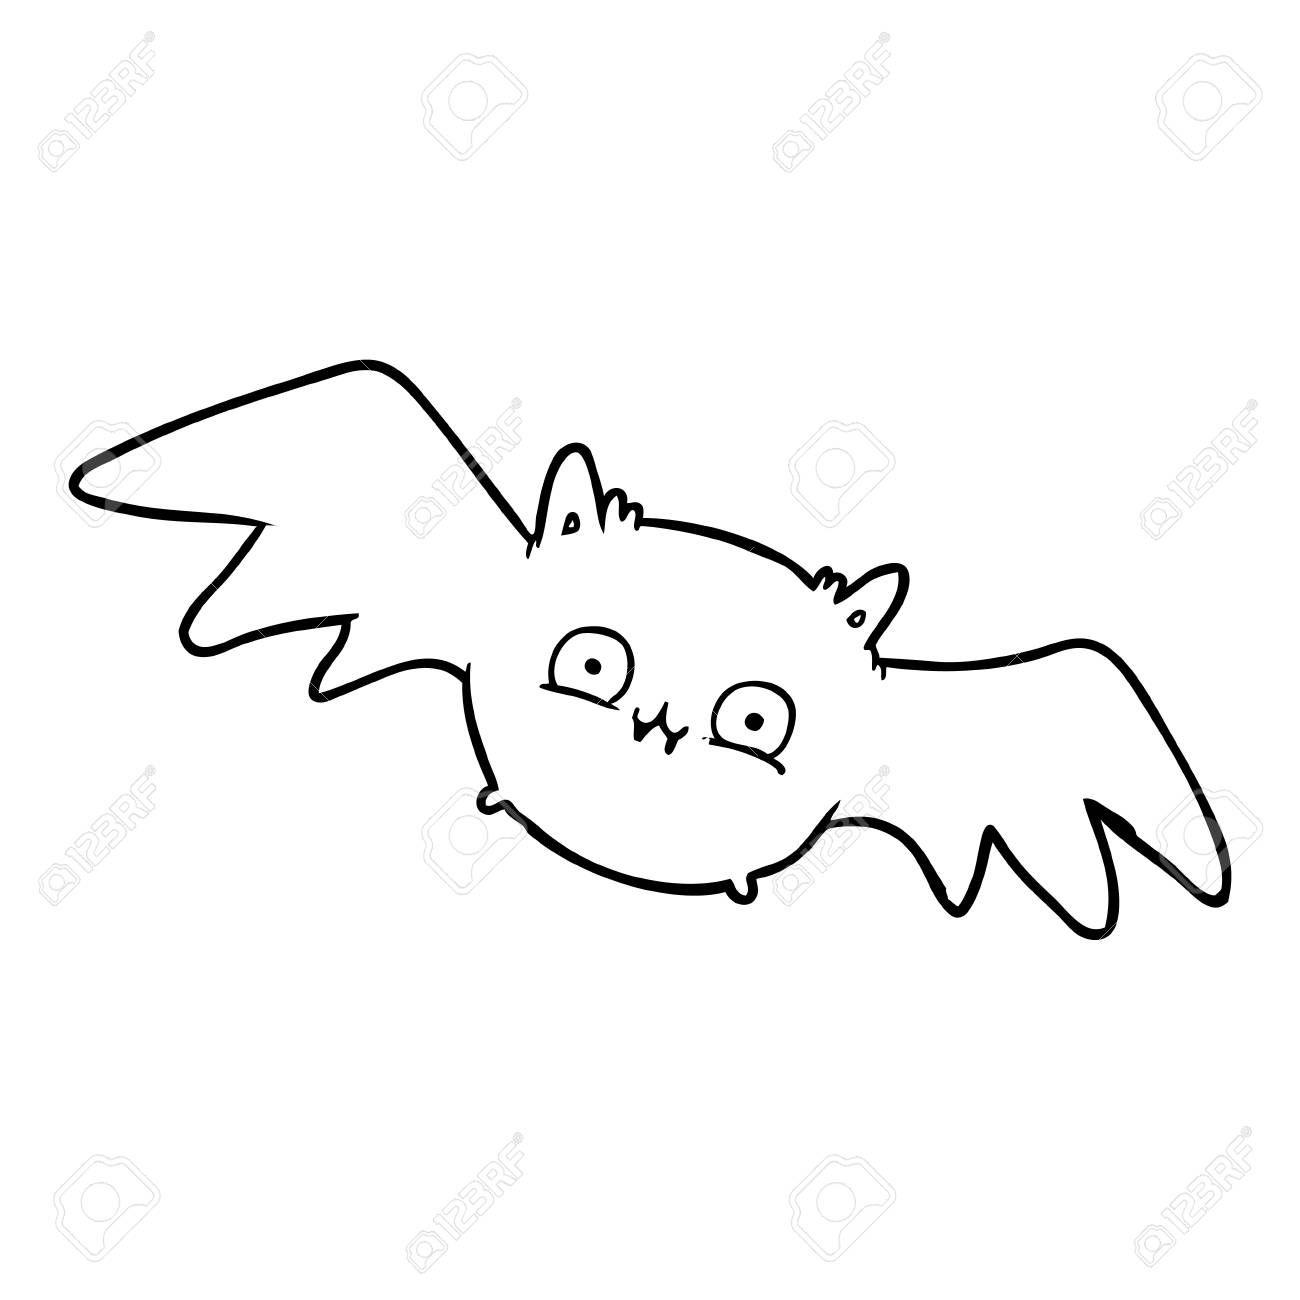 Hand Drawn Vampire Halloween Bat Aff Drawn Hand Vampire